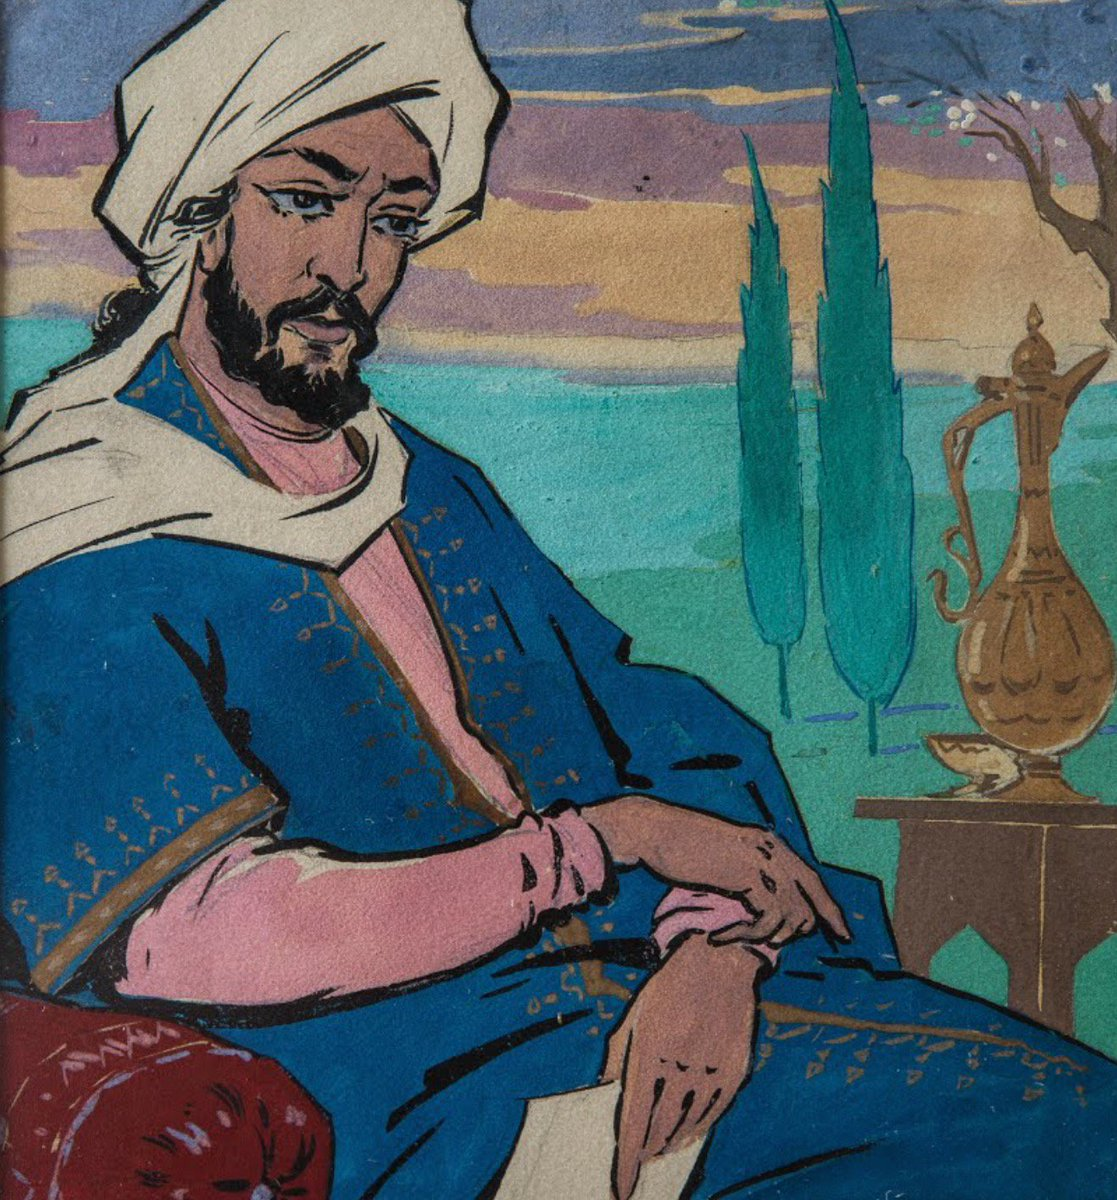 картинки персидских поэтов неожиданно среди достаточно